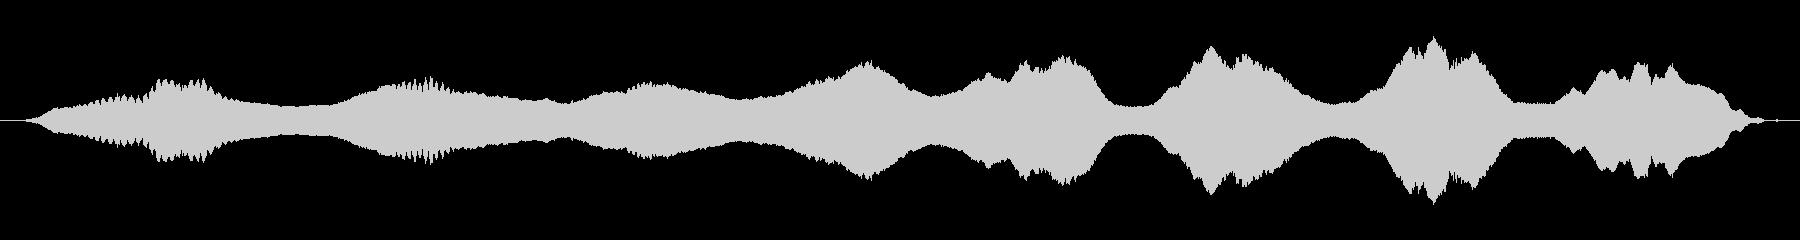 漫画スライドホイッスル:バルーンラ...の未再生の波形